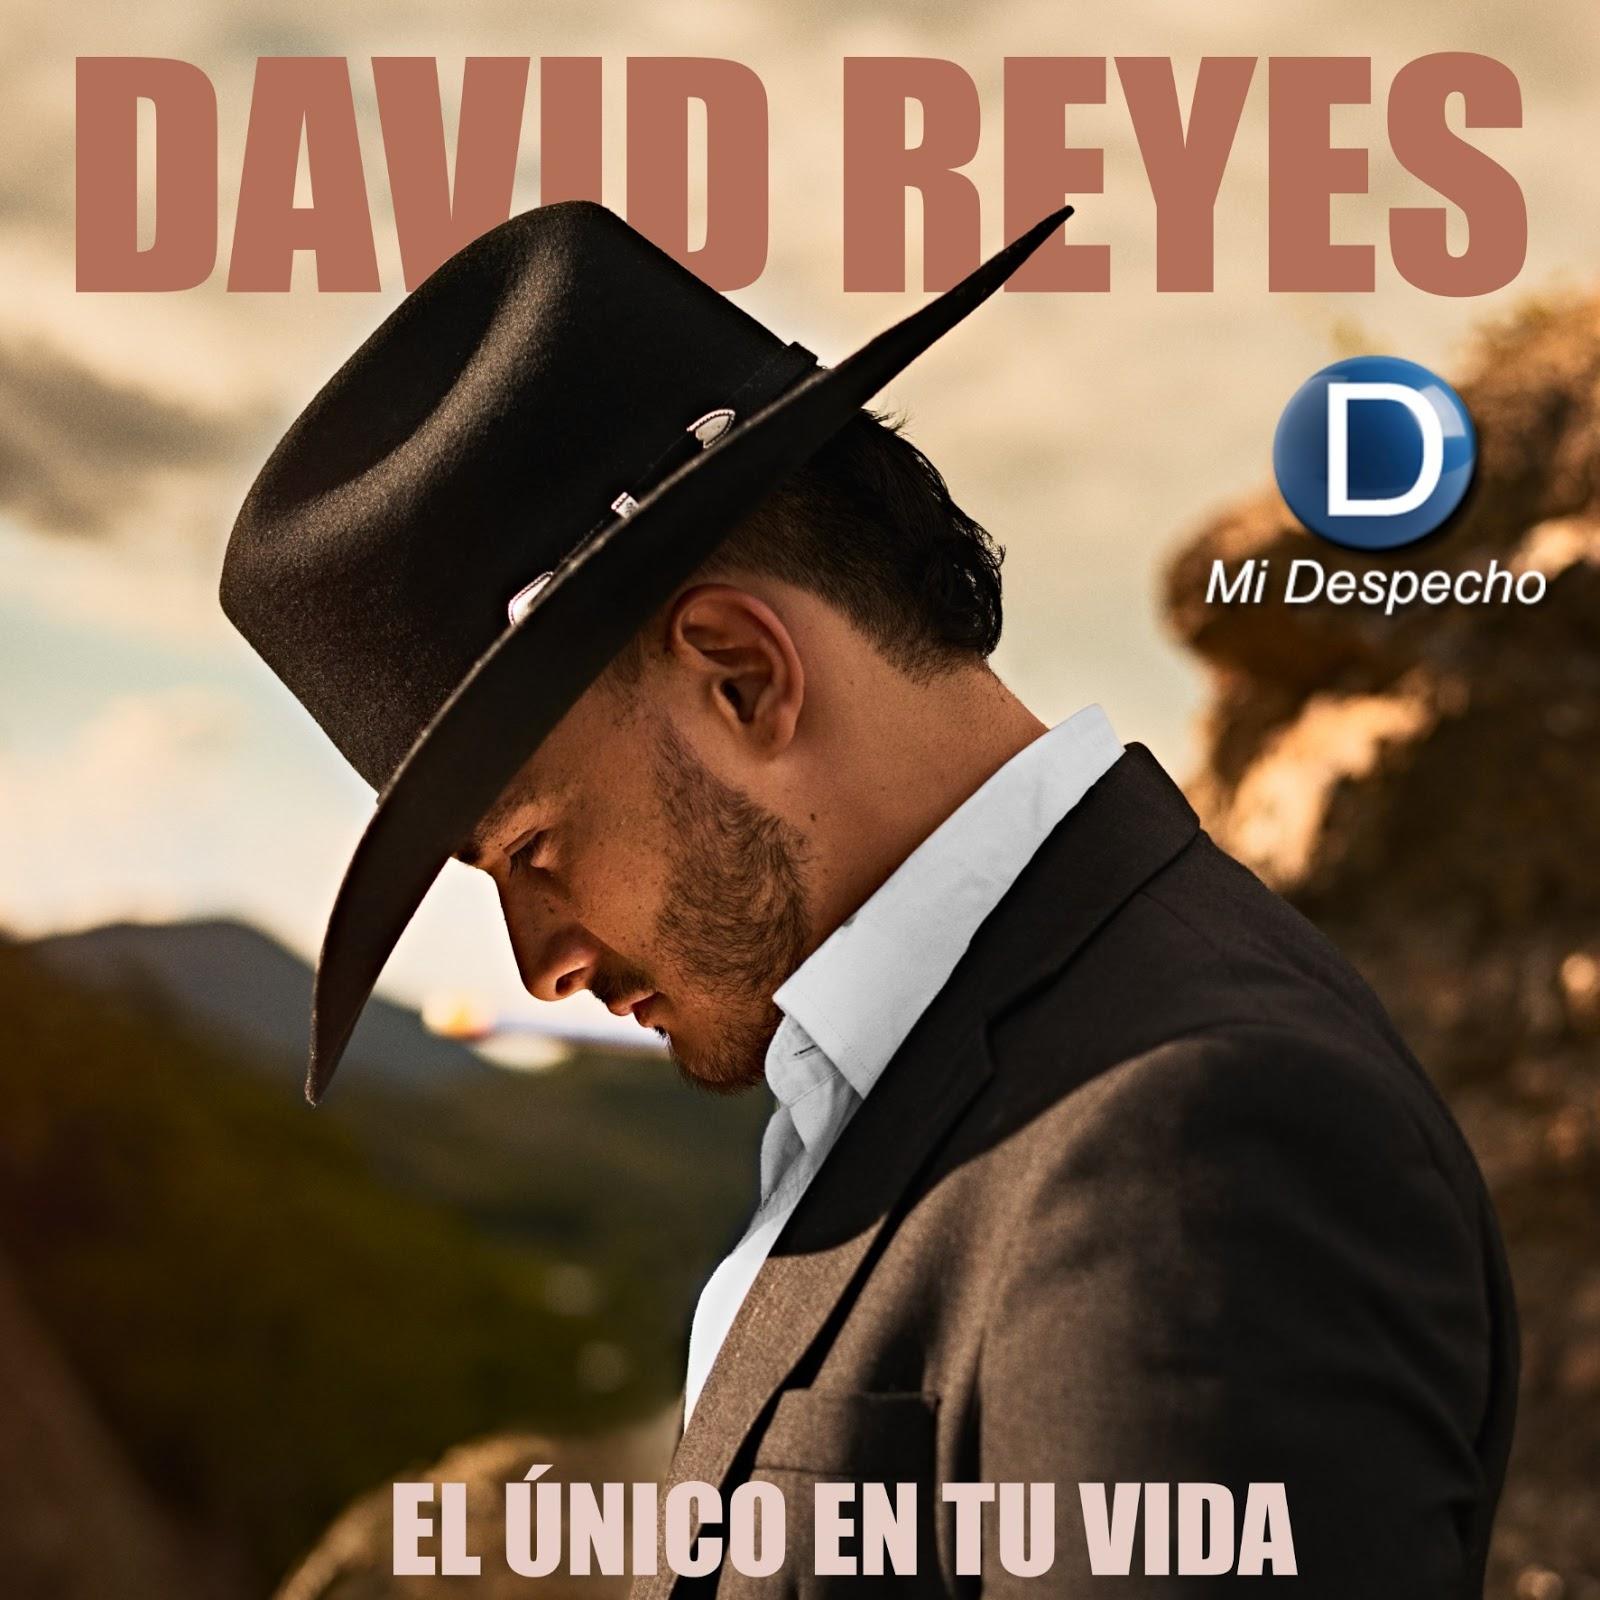 David Reyes El Único En Tu Vida Frontal